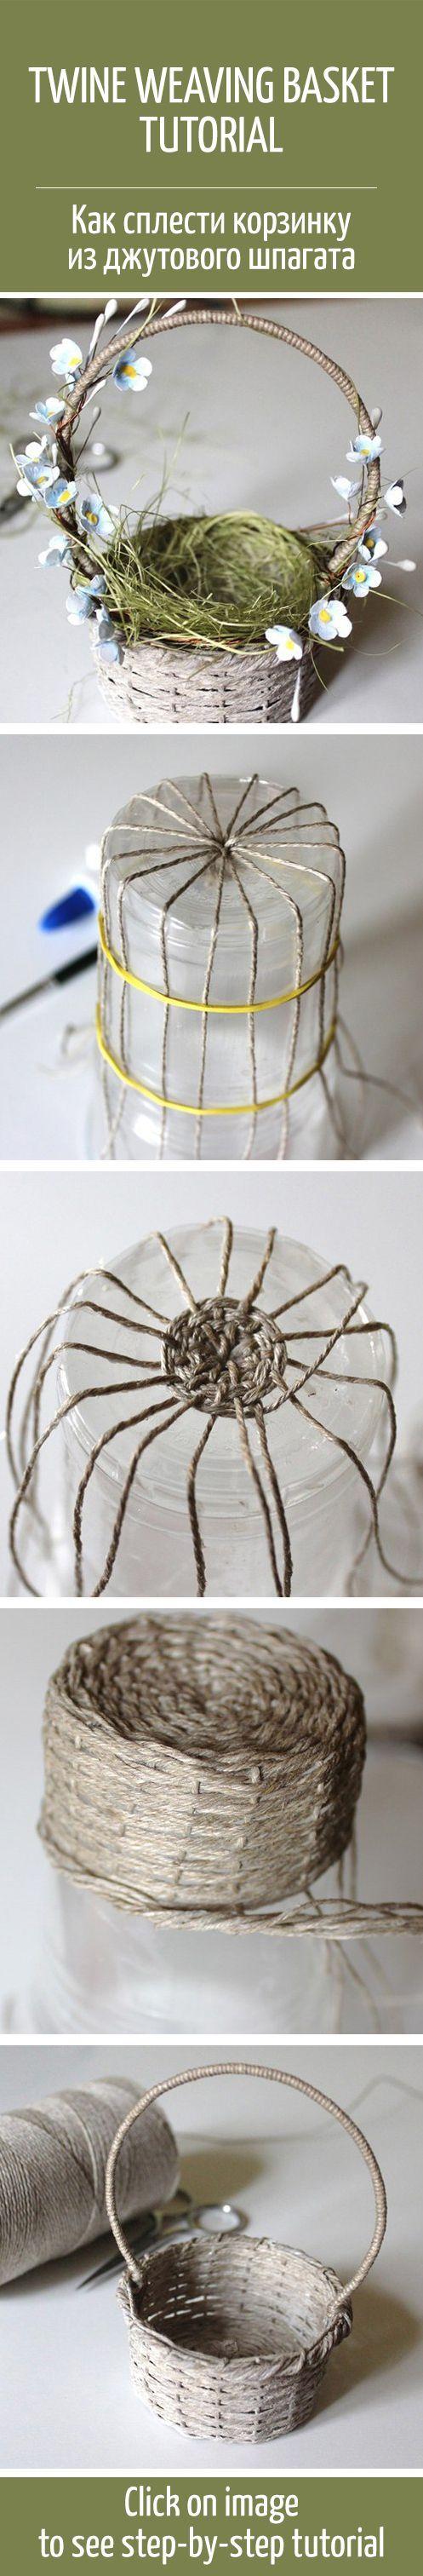 Handmade Basket Tutorial : Twine weaving basket tutorial